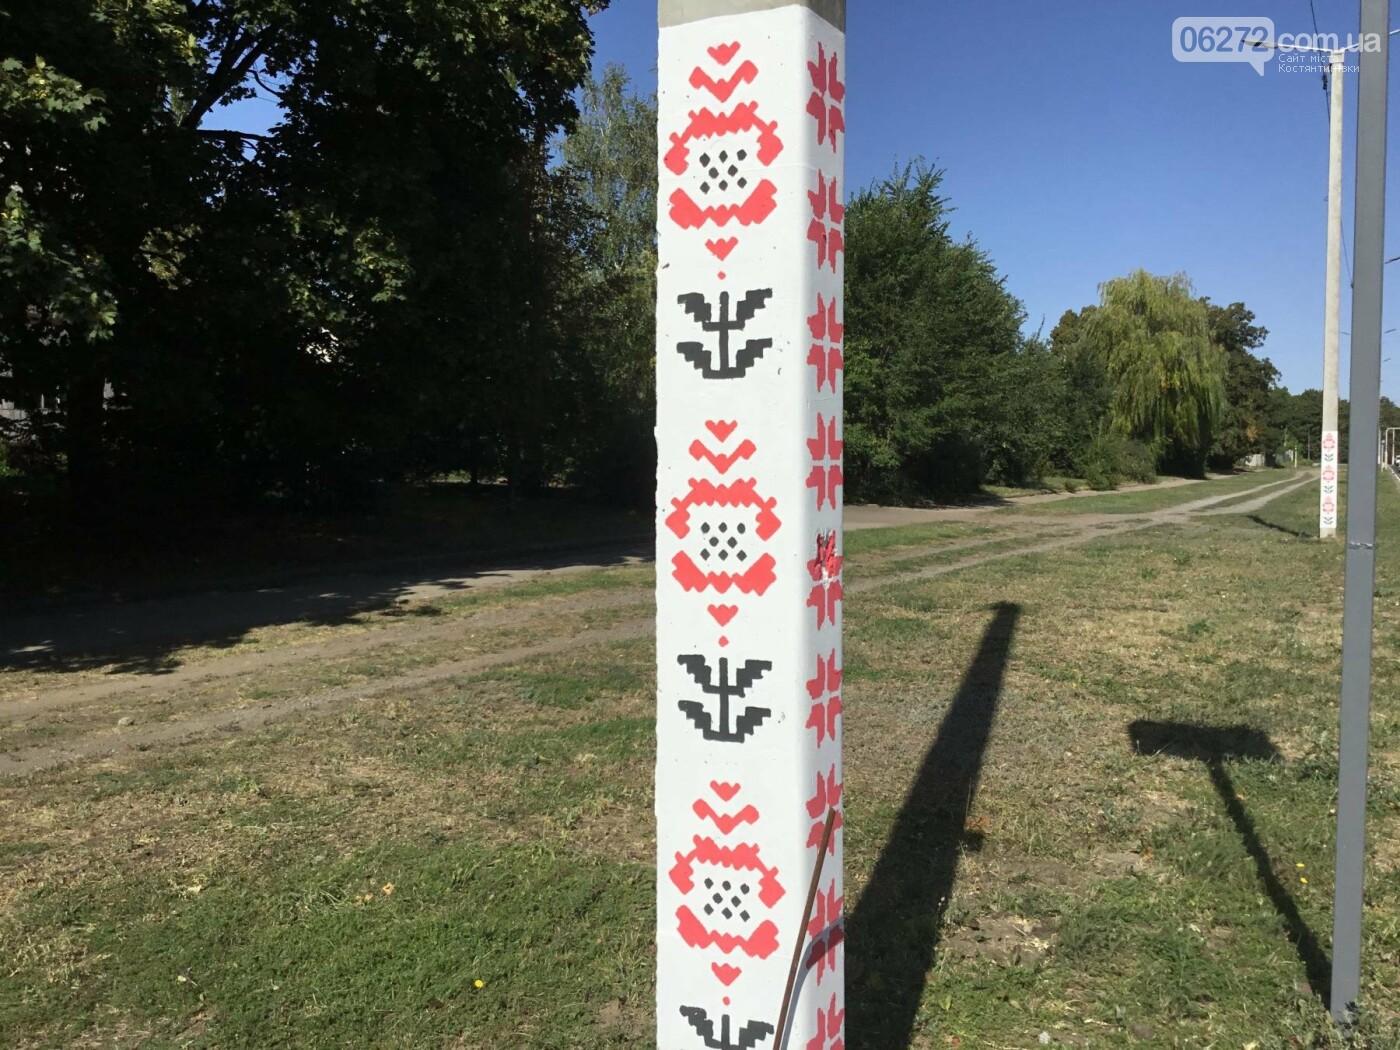 Проспект Ломоносова у Костянтинівці прикрасили візерунками, фото-3